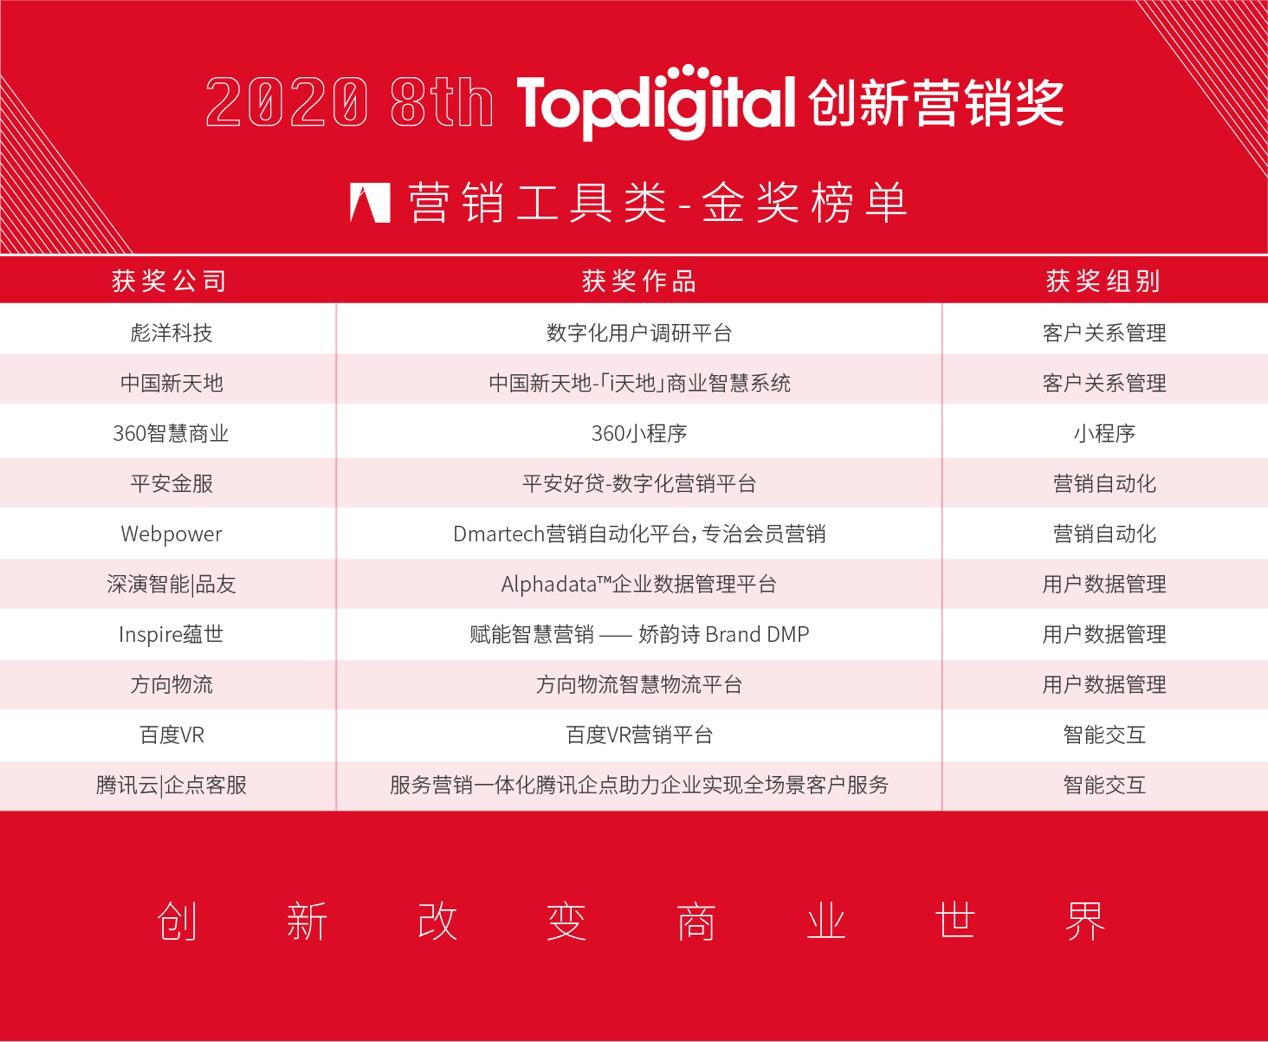 2020第八届TopDigital创新营销工具奖榜单公布!